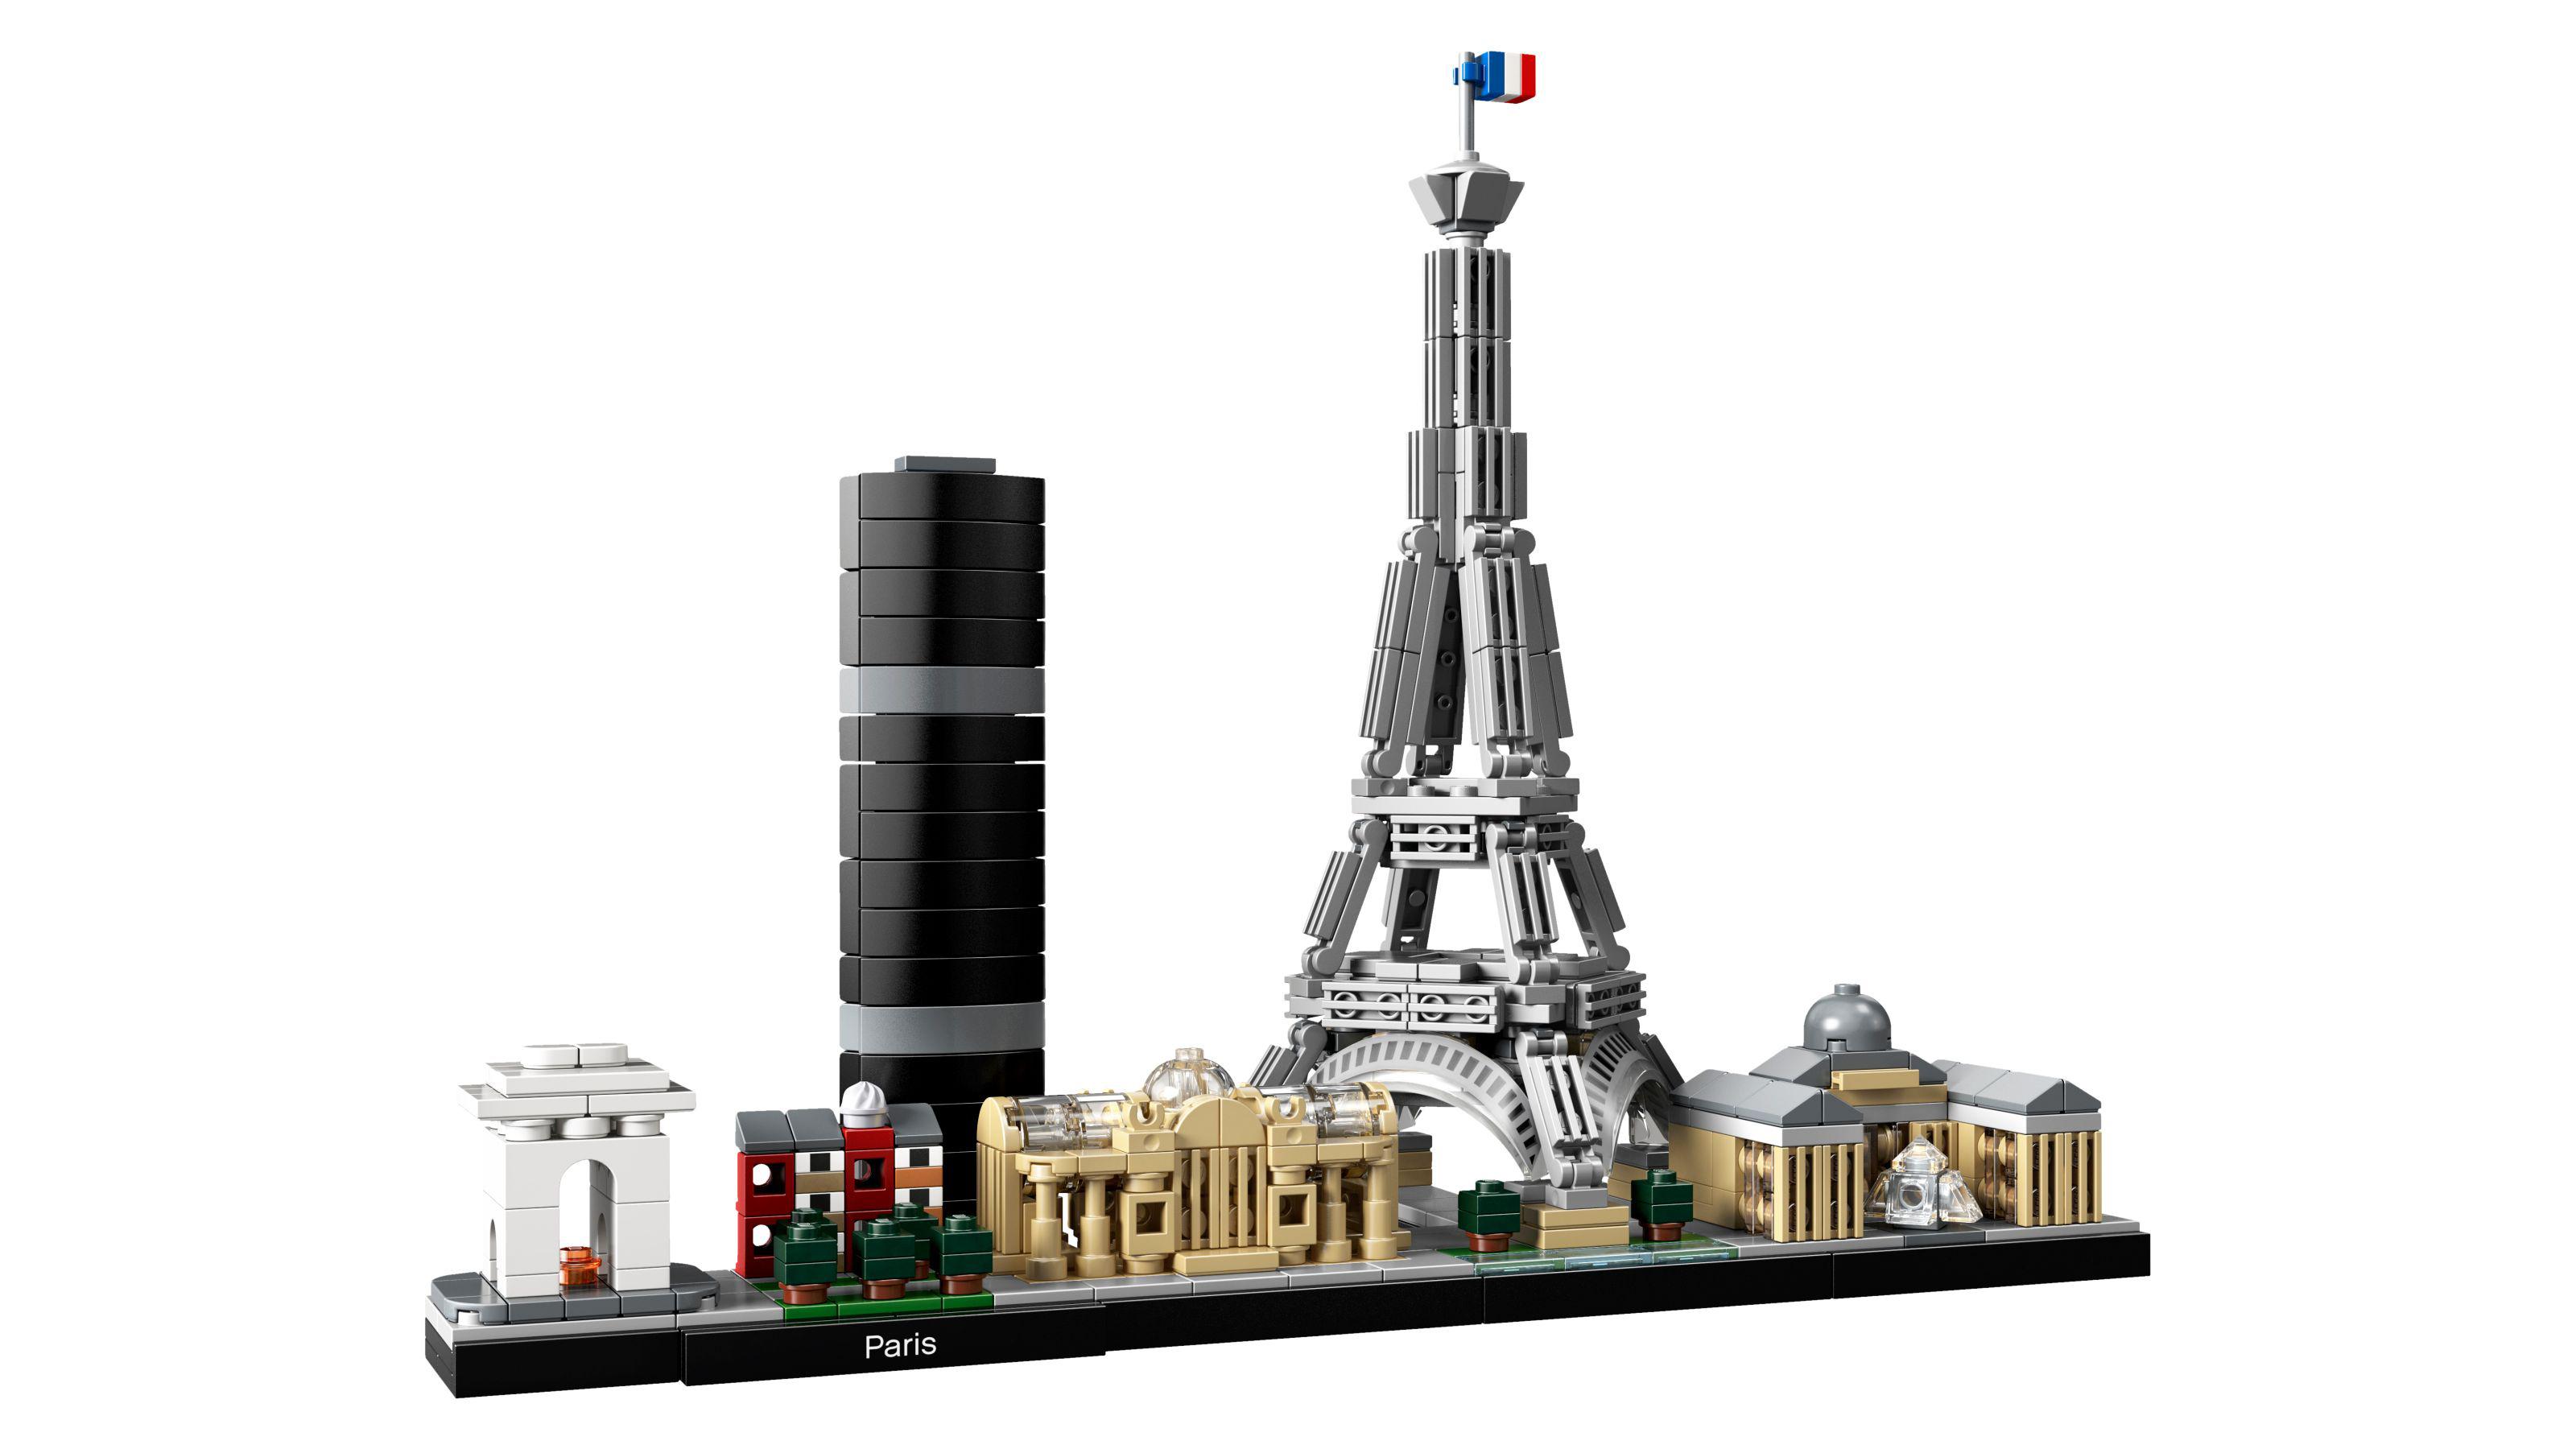 Best Lego Architecture sets: Paris